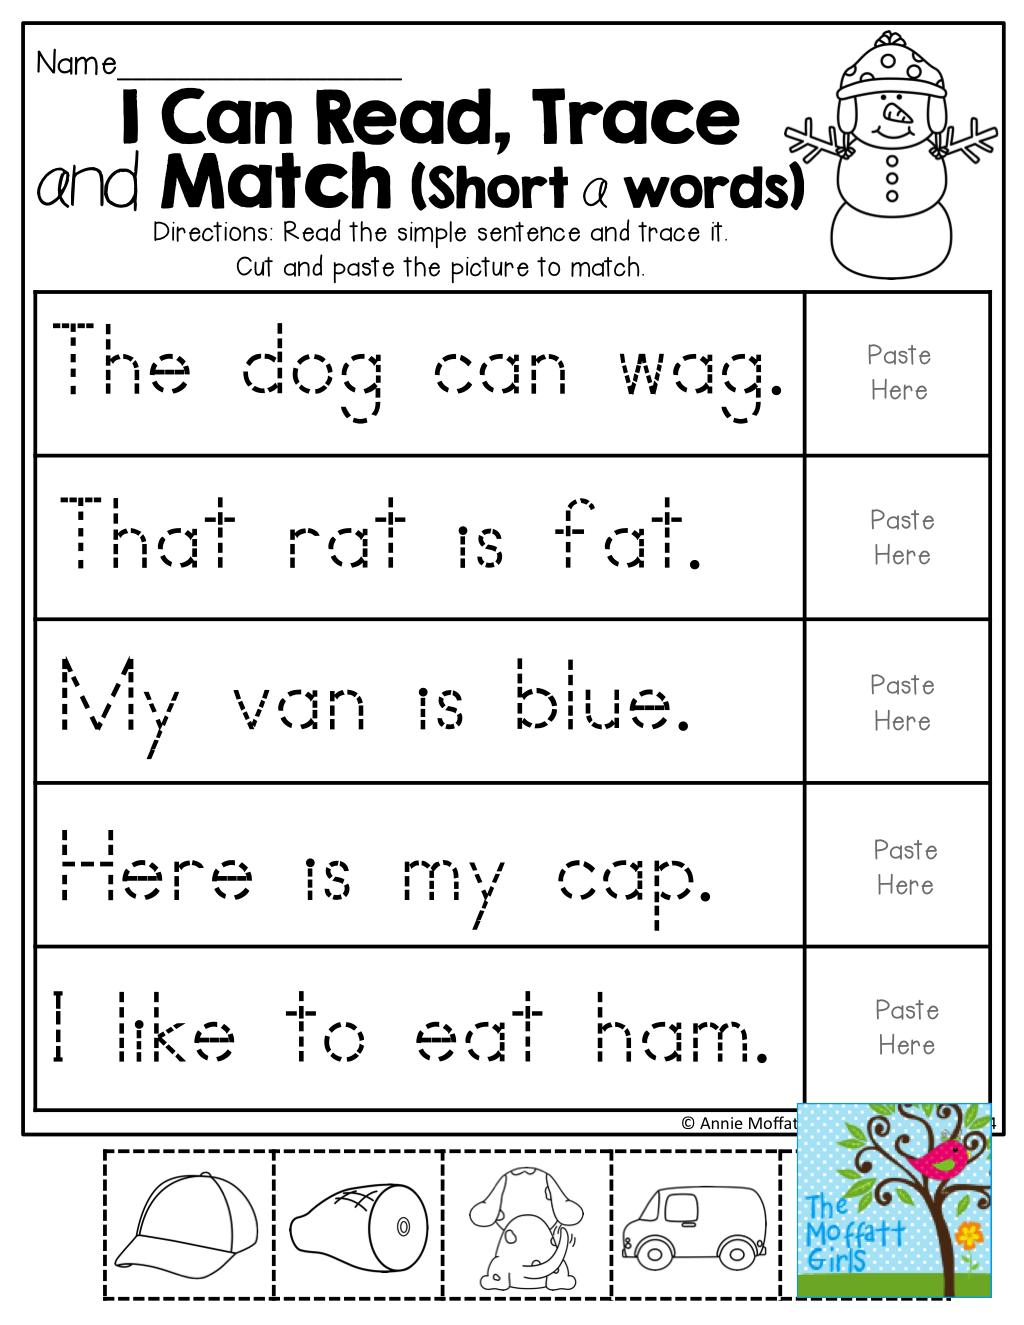 2309ec521c7e036673a1278876b183f4 - Reading Kindergarten Worksheets